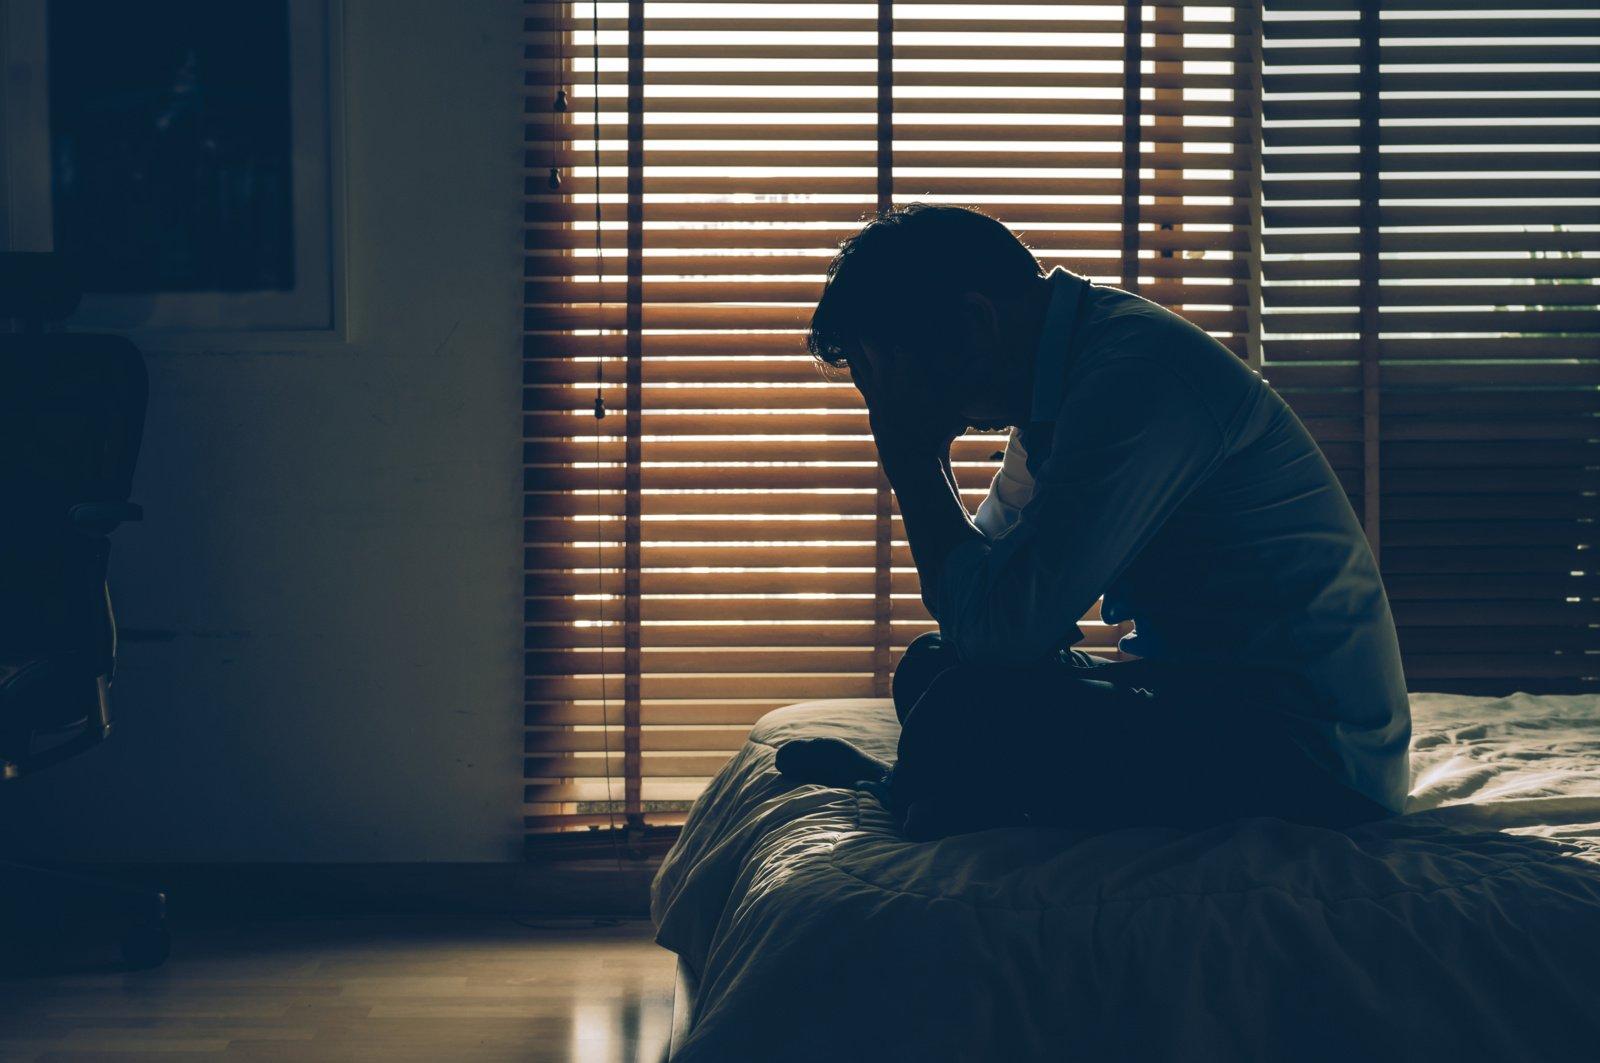 Per karantiną savižudybių nepadaugėjo, bet psichologai įspėja apie galimas pasekmes vėliau